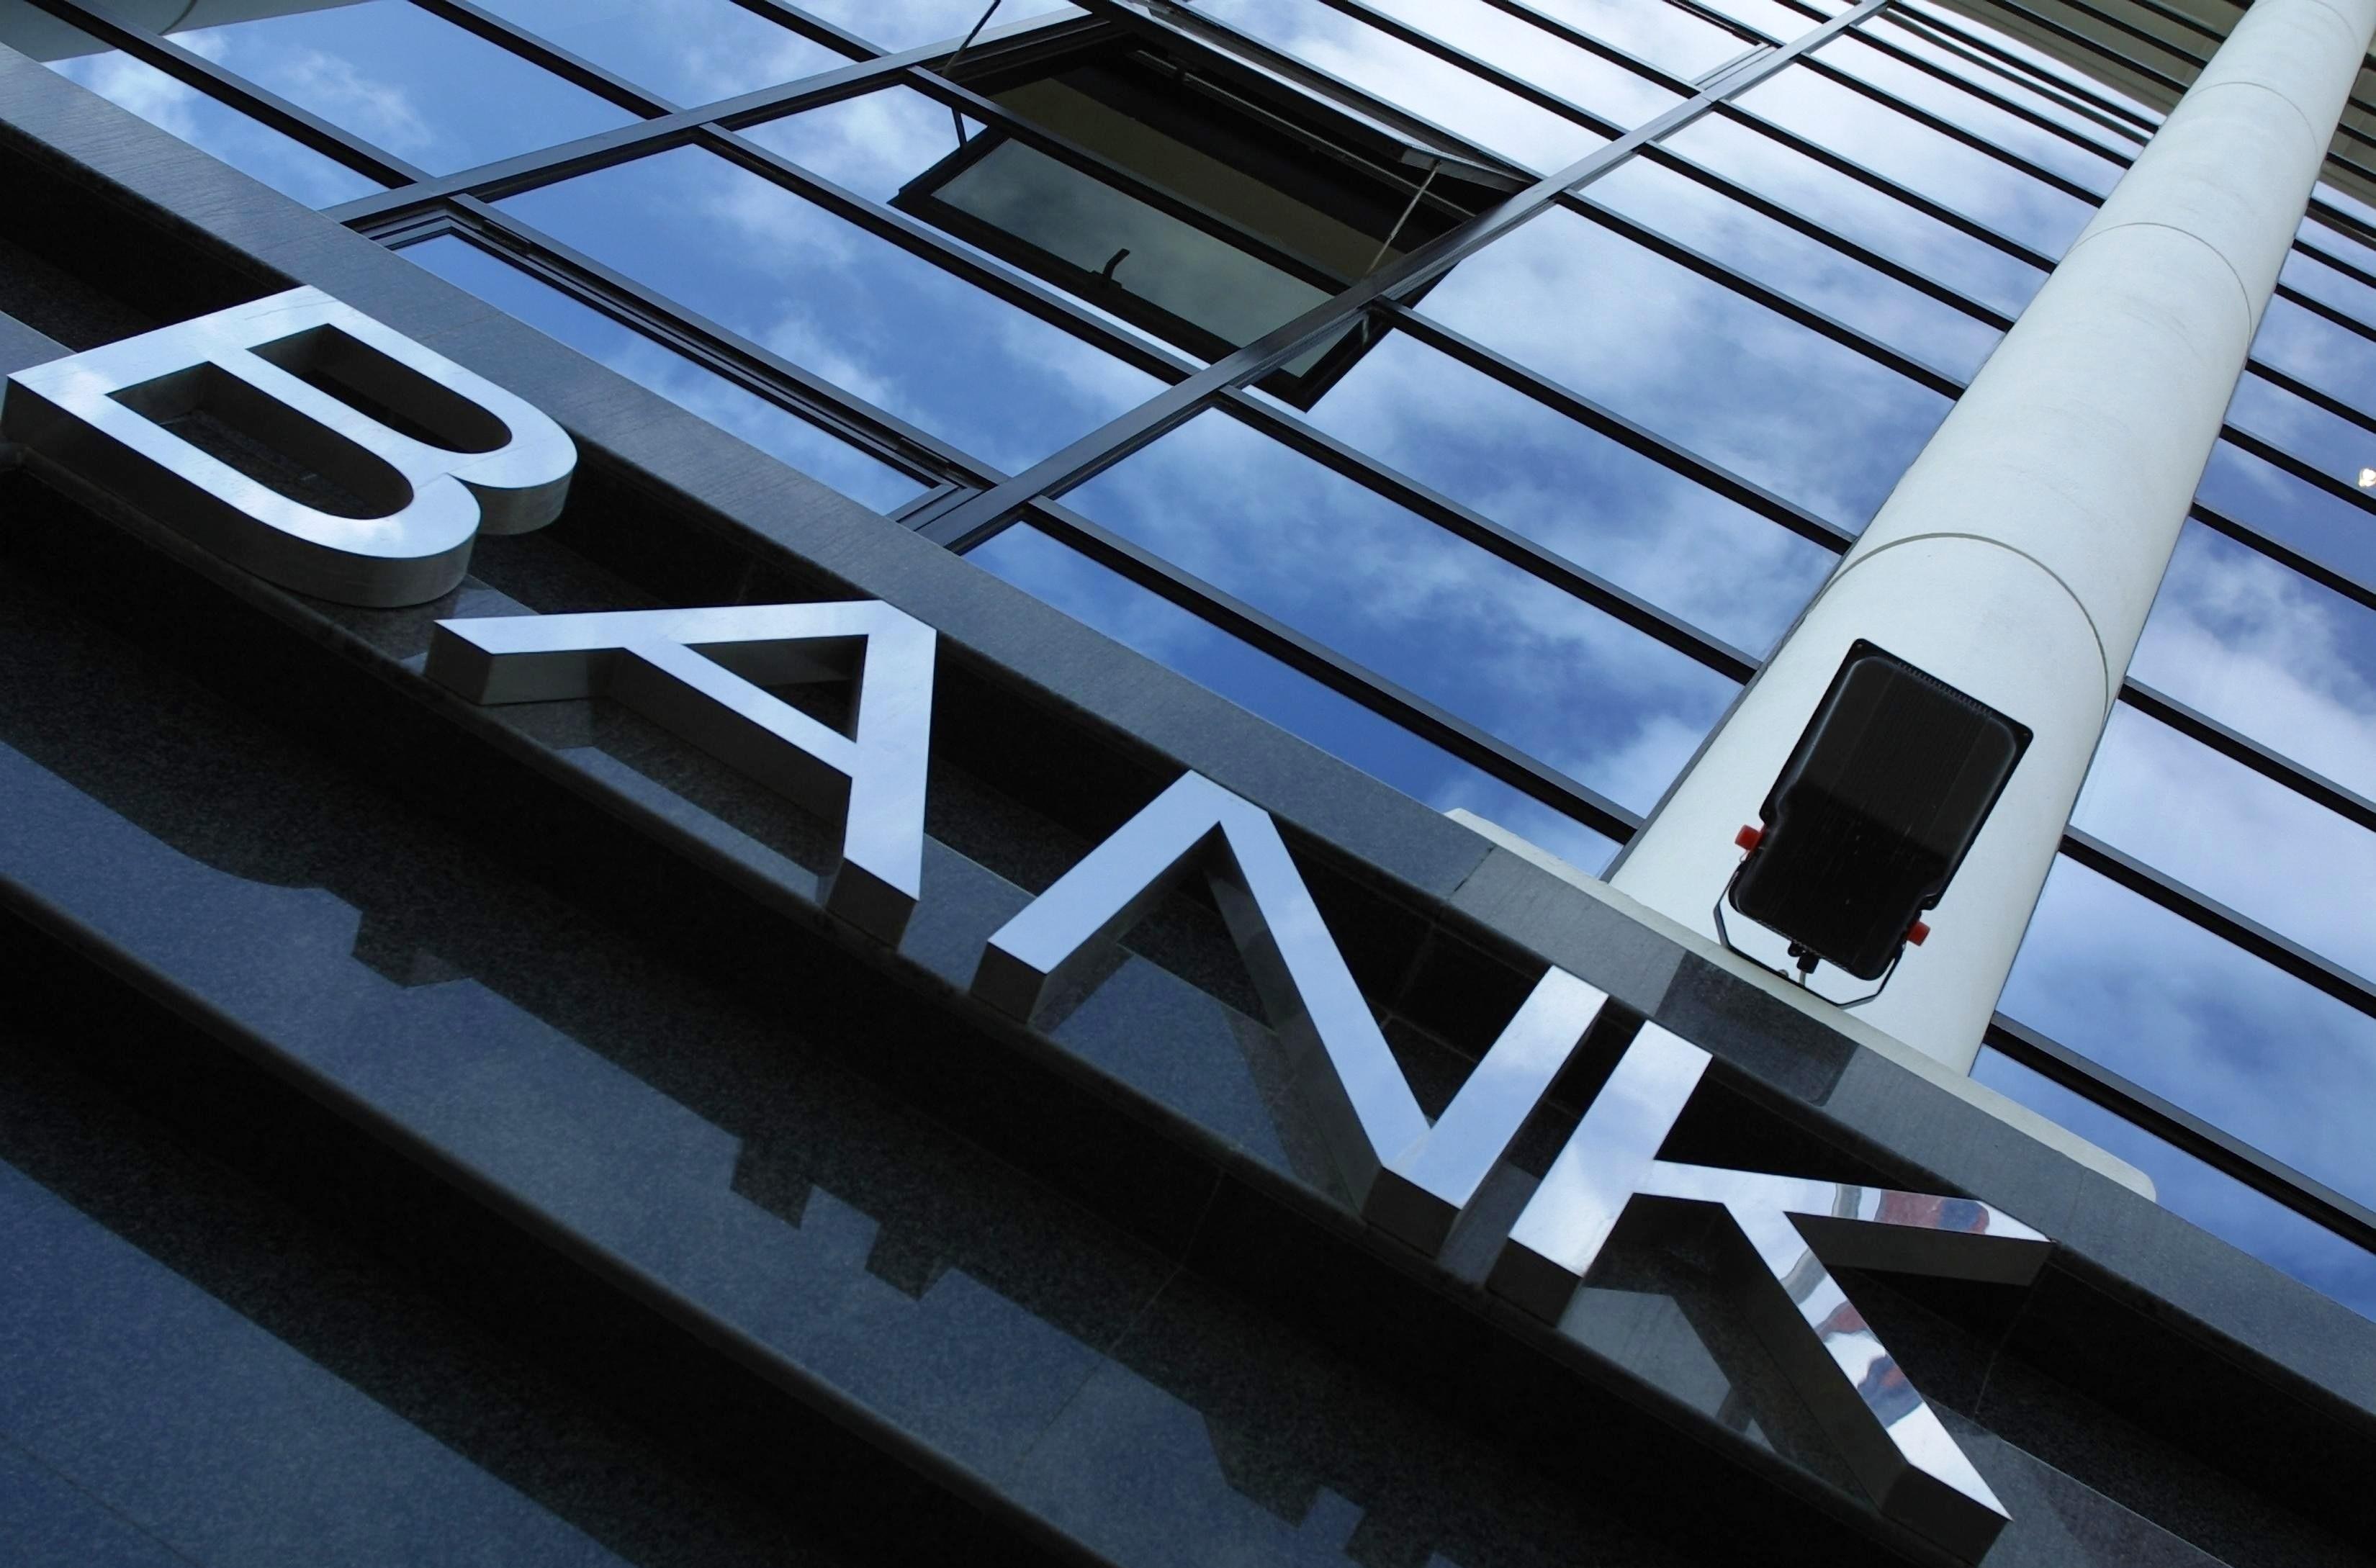 20 банков готовы присоединиться к блокчейн-системе расчетов между Гонконгом и Сингапуром